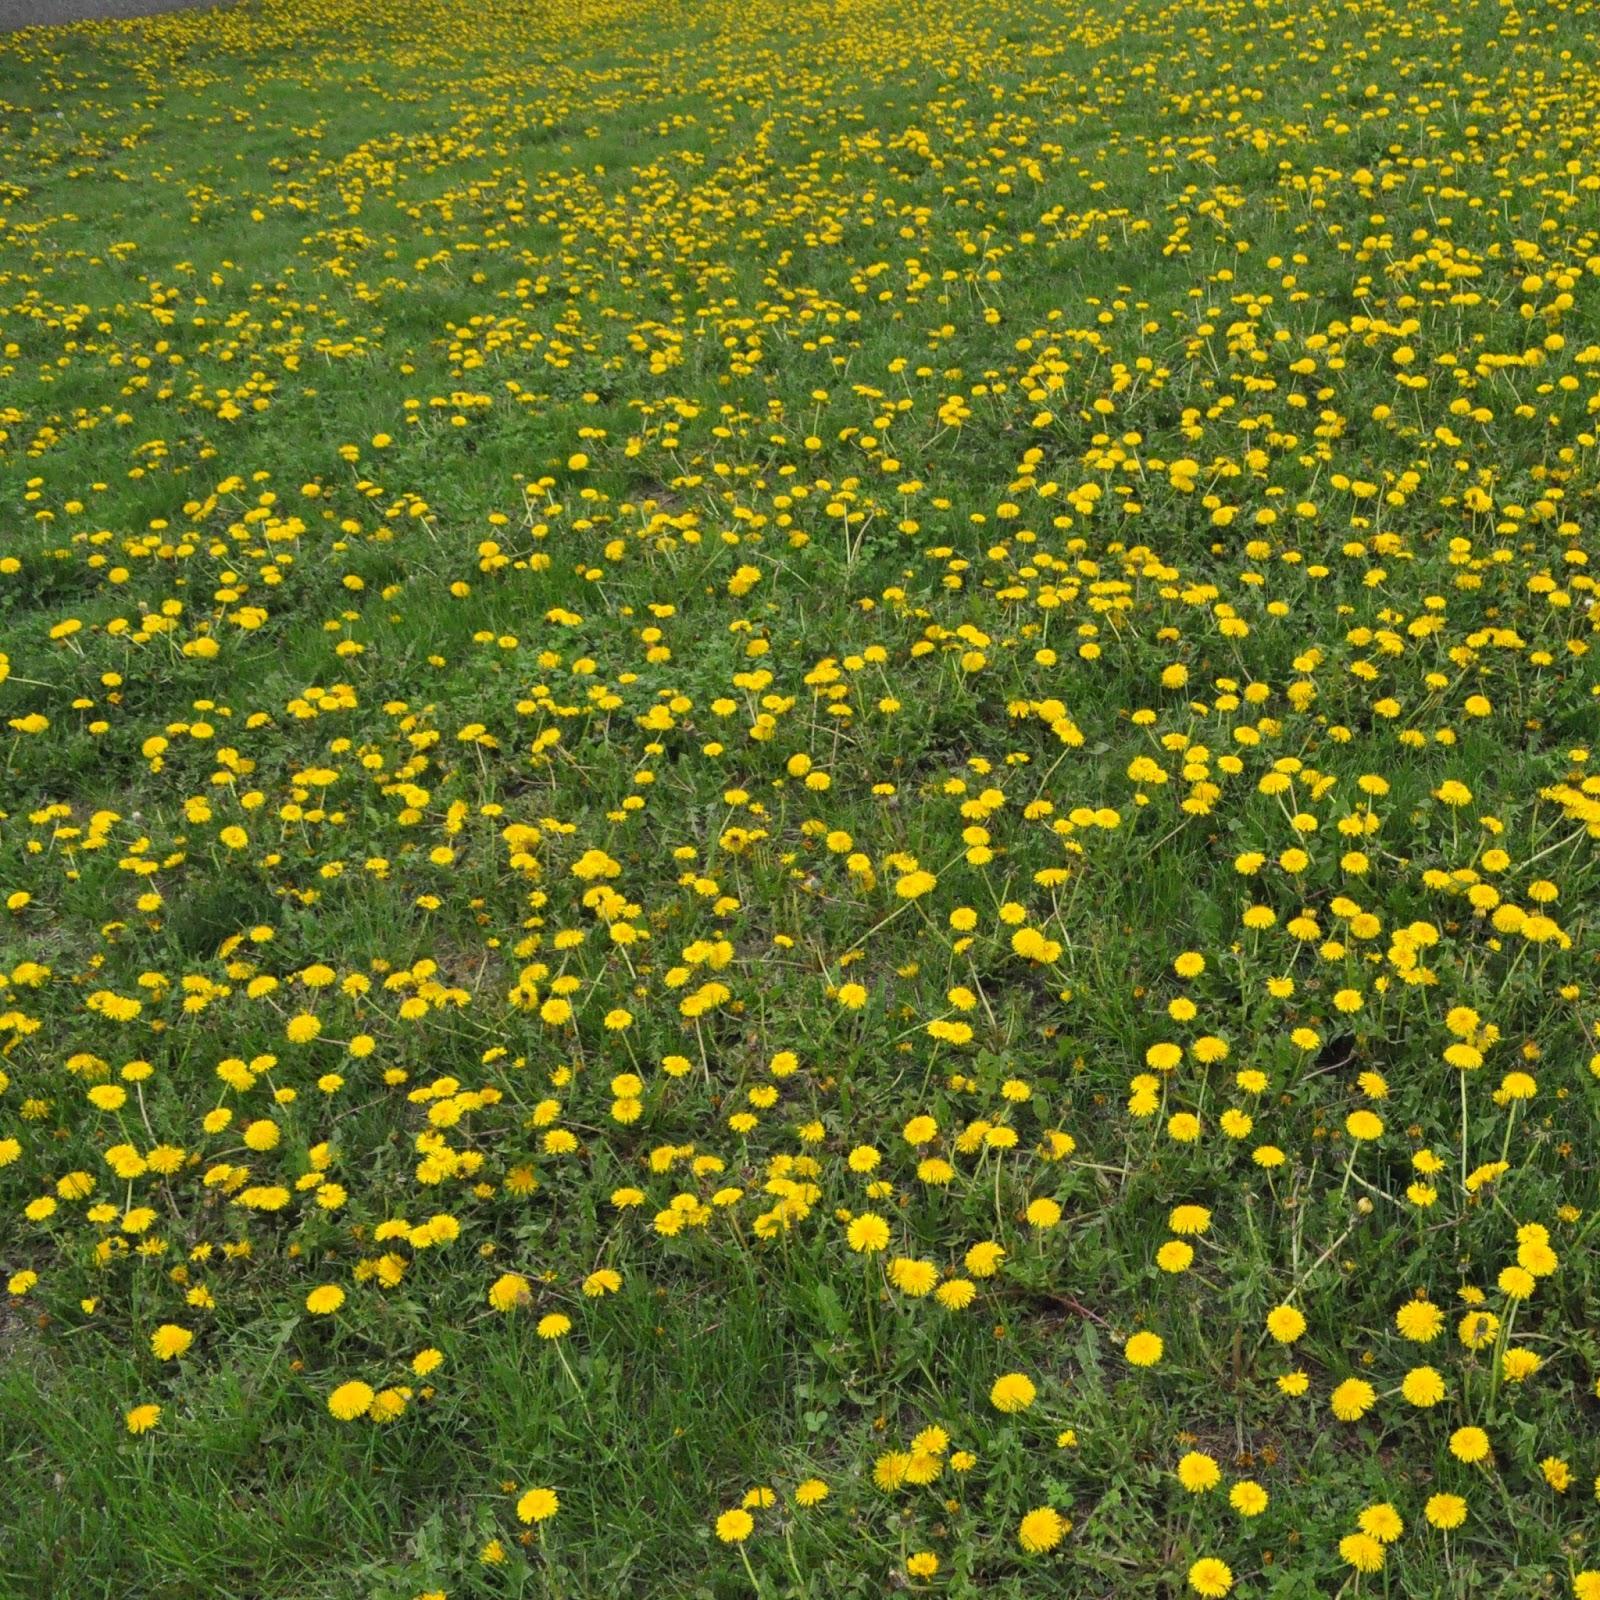 The Grass Rhizome My Weeds Wont Die